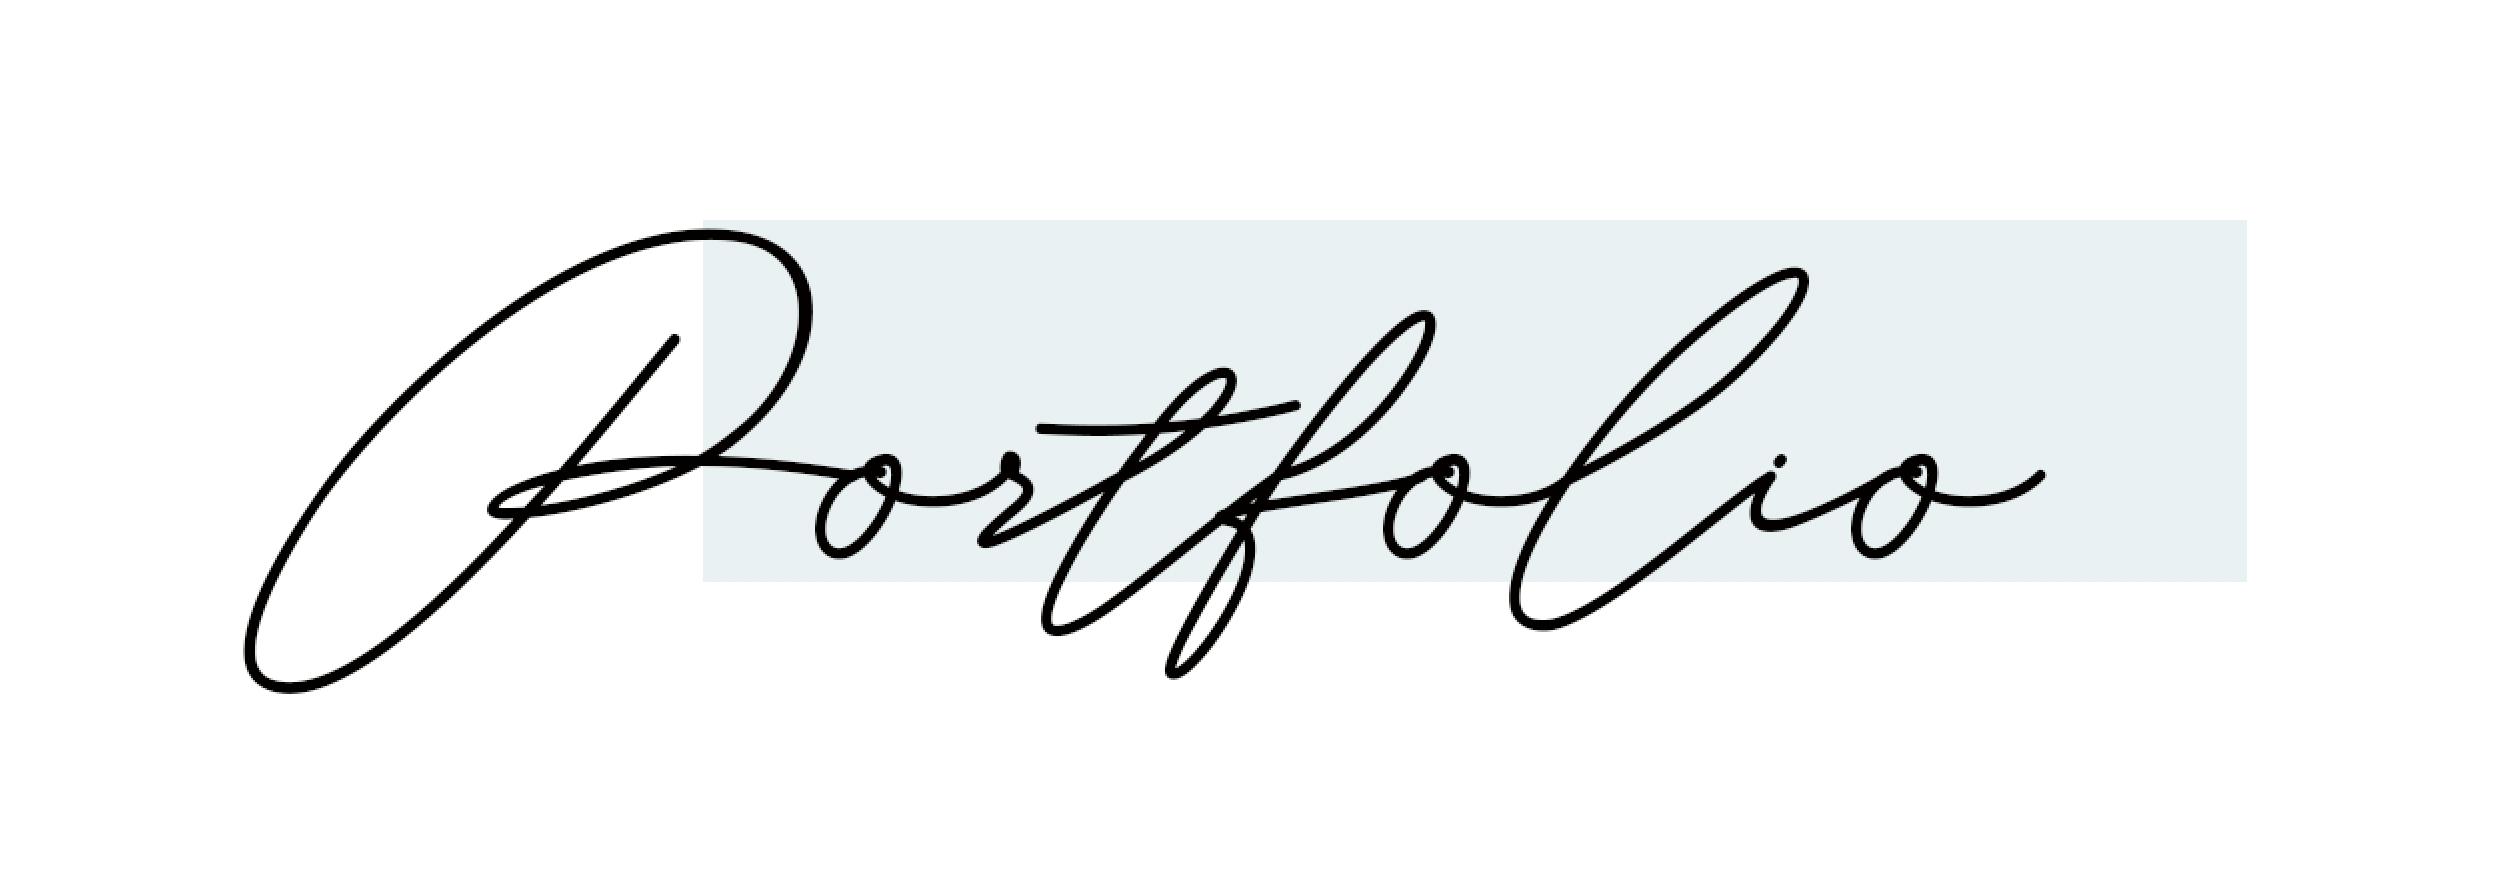 ottawa-makeup-artist-calligraphy-font-modern-design